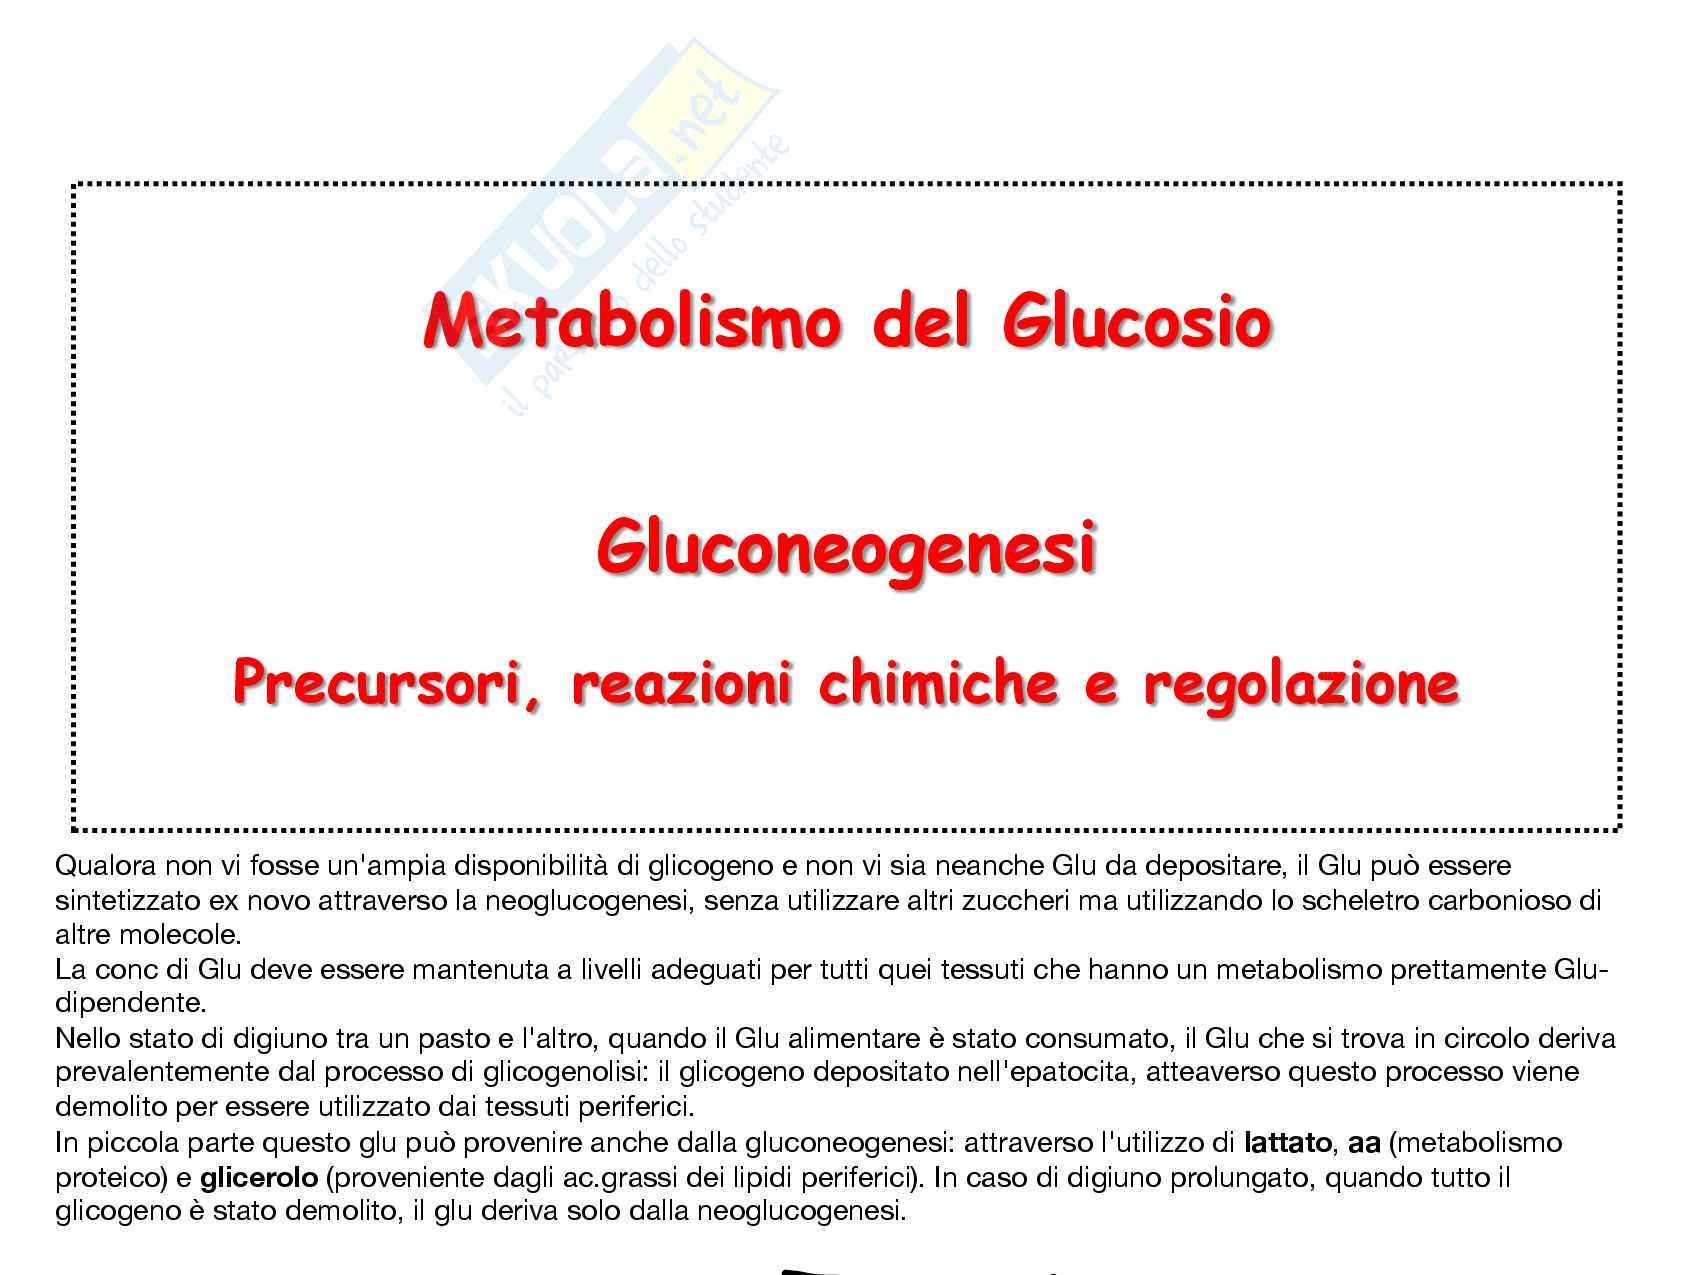 8 Gluconeogenesi, precursori, reazioni chimiche, regolazione e funzioni